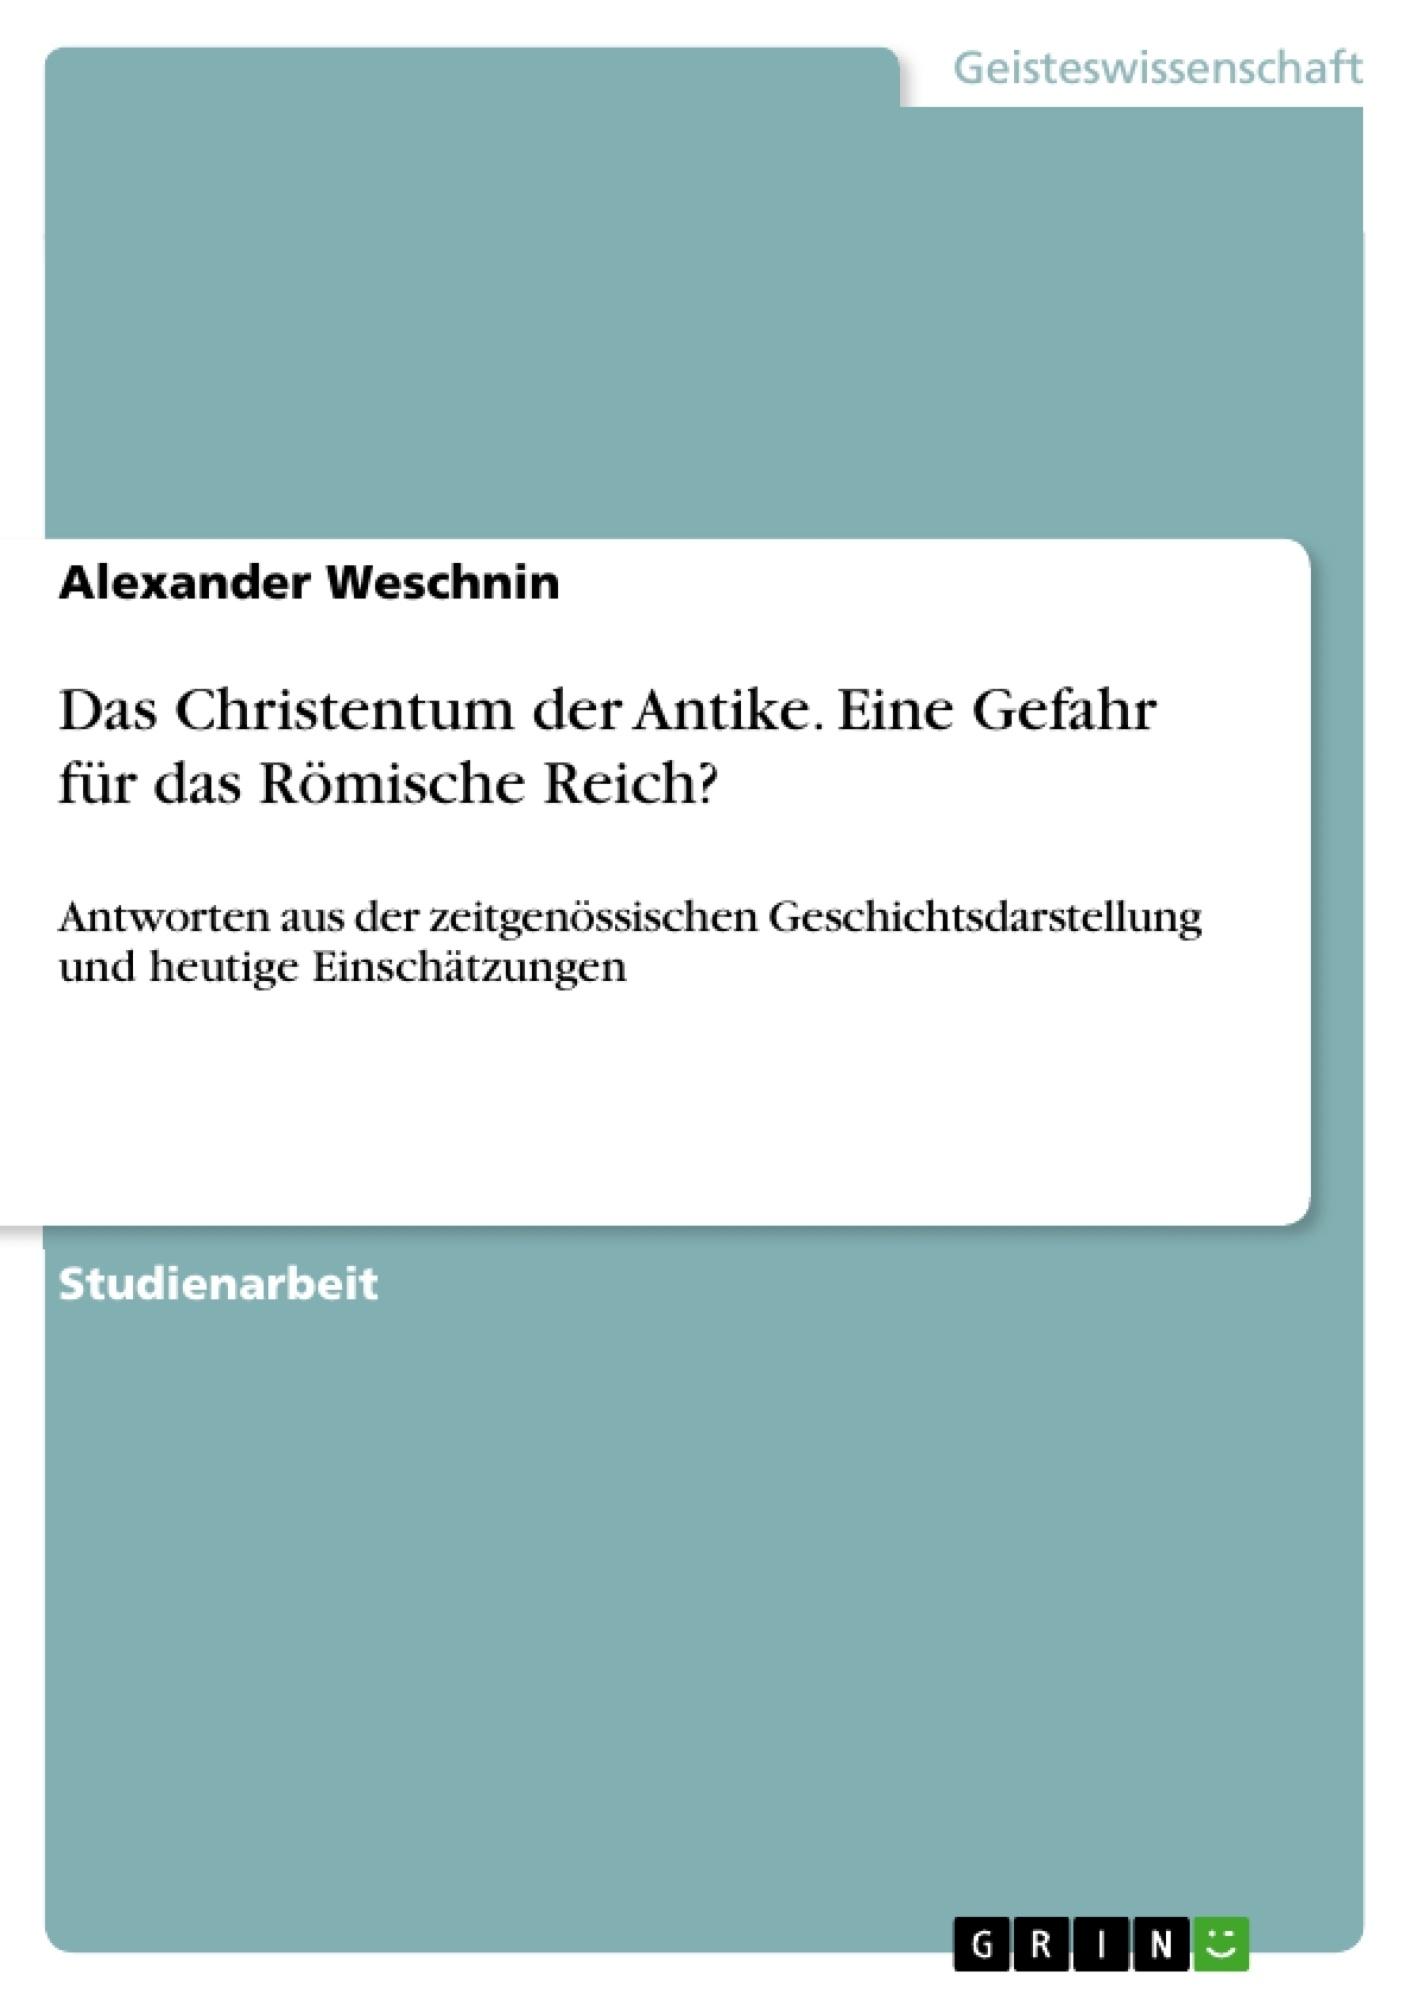 Titel: Das Christentum der Antike. Eine Gefahr für das Römische Reich?